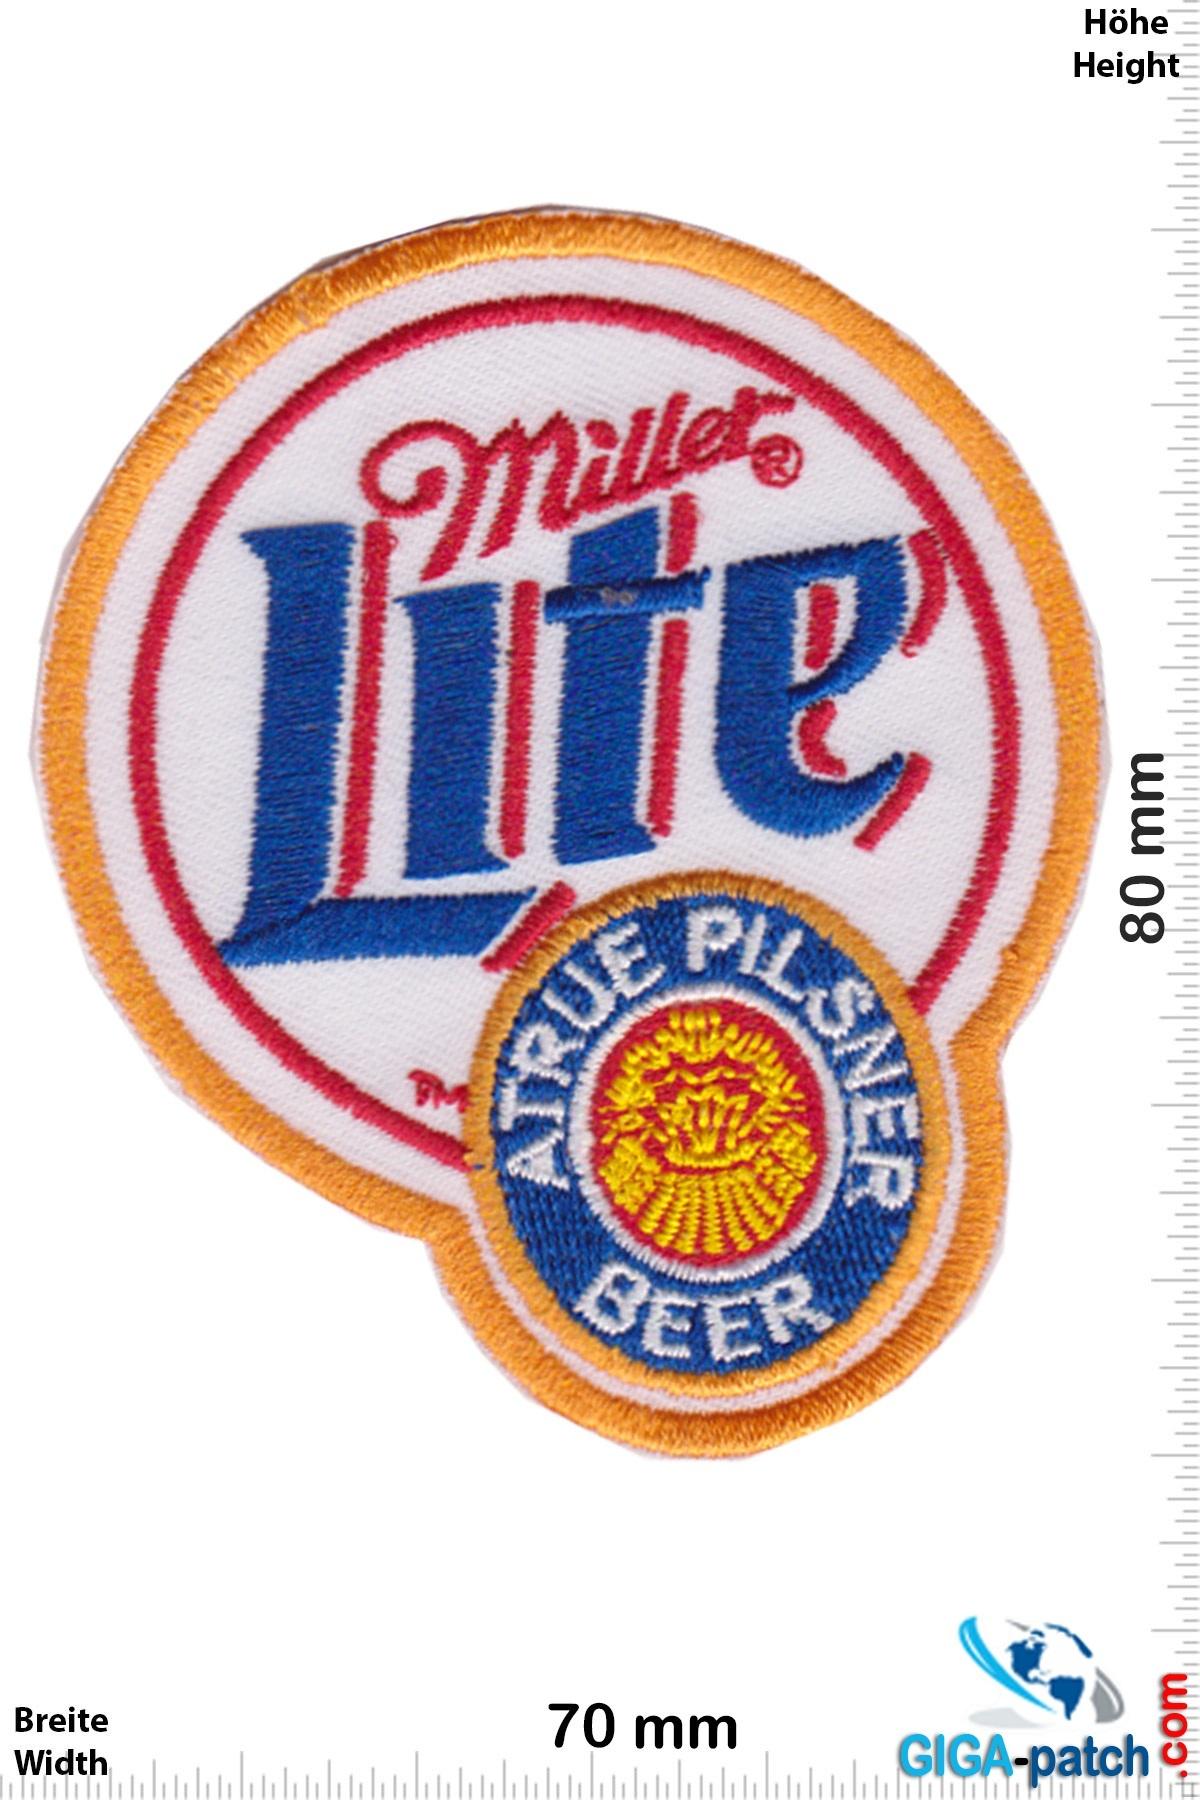 Miller Miller Light - A True Pilsner Beer